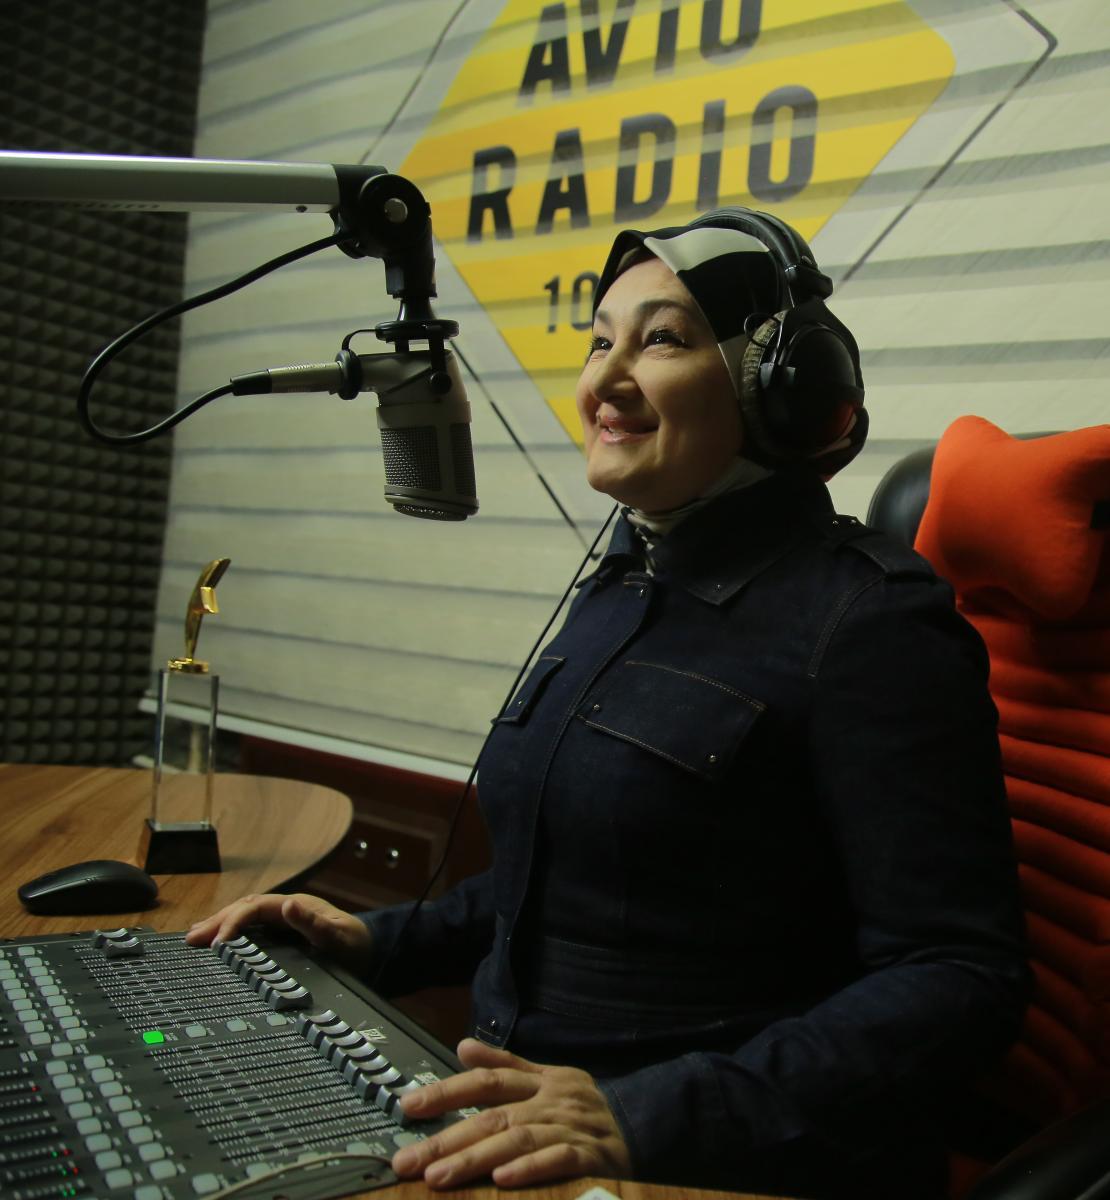 Una mujer vestida de negro se sienta en un escritorio con un micrófono y un equipo de radio.